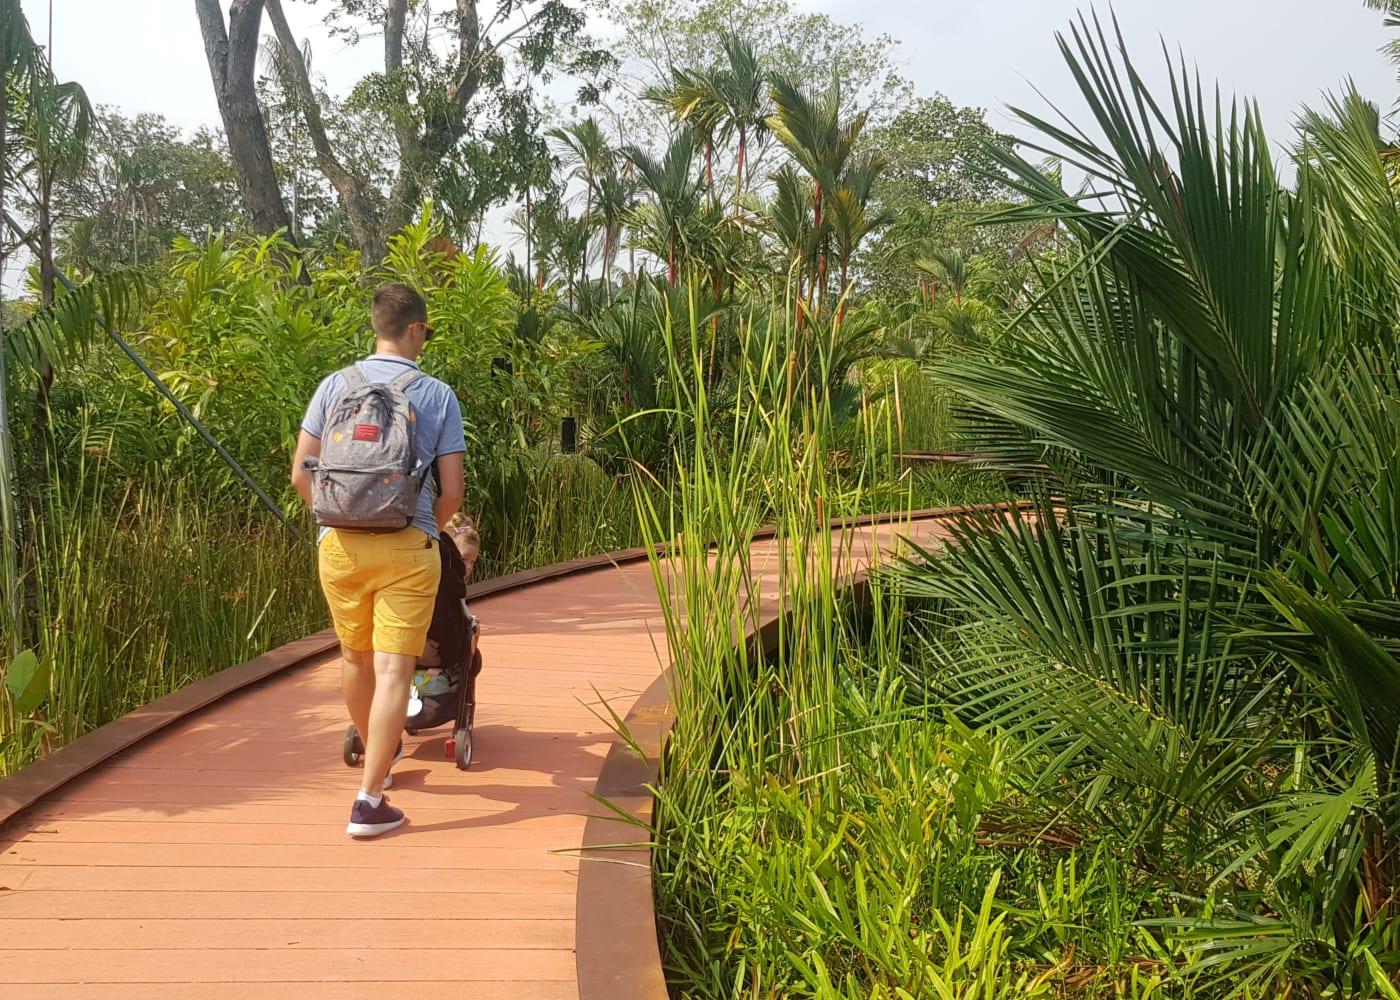 pram friendly walk stroller jurong